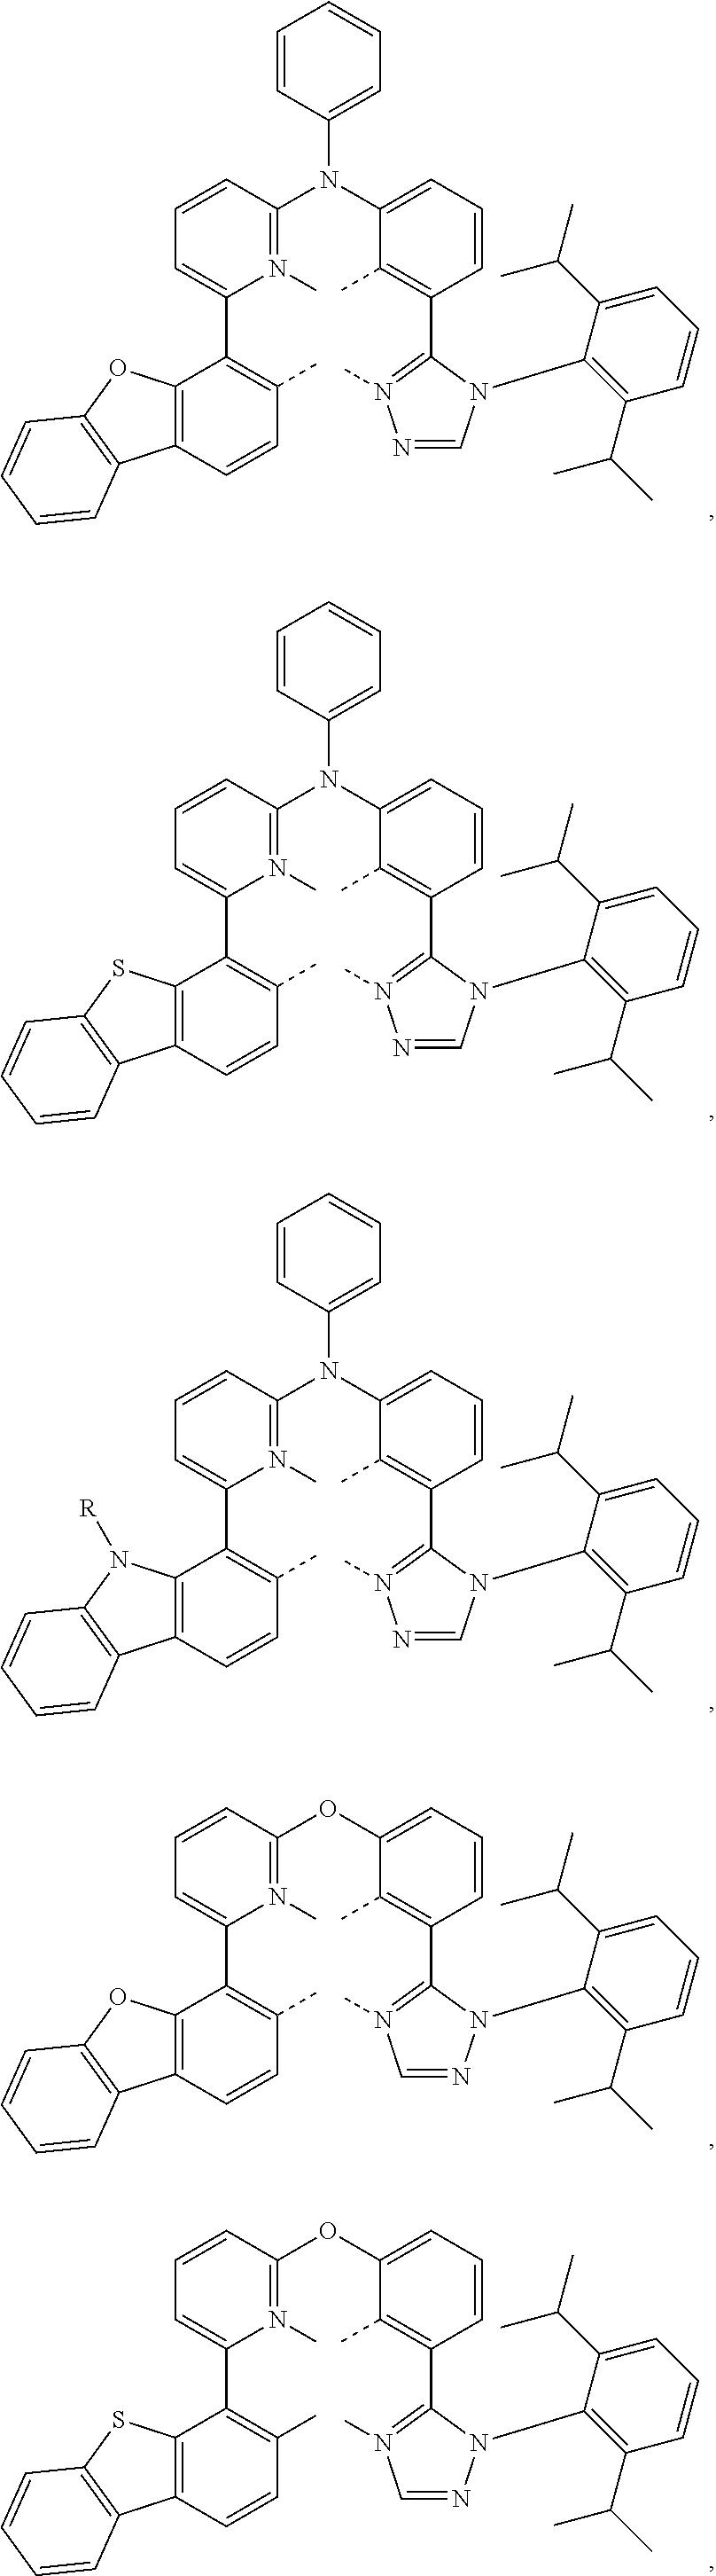 Figure US10056565-20180821-C00026